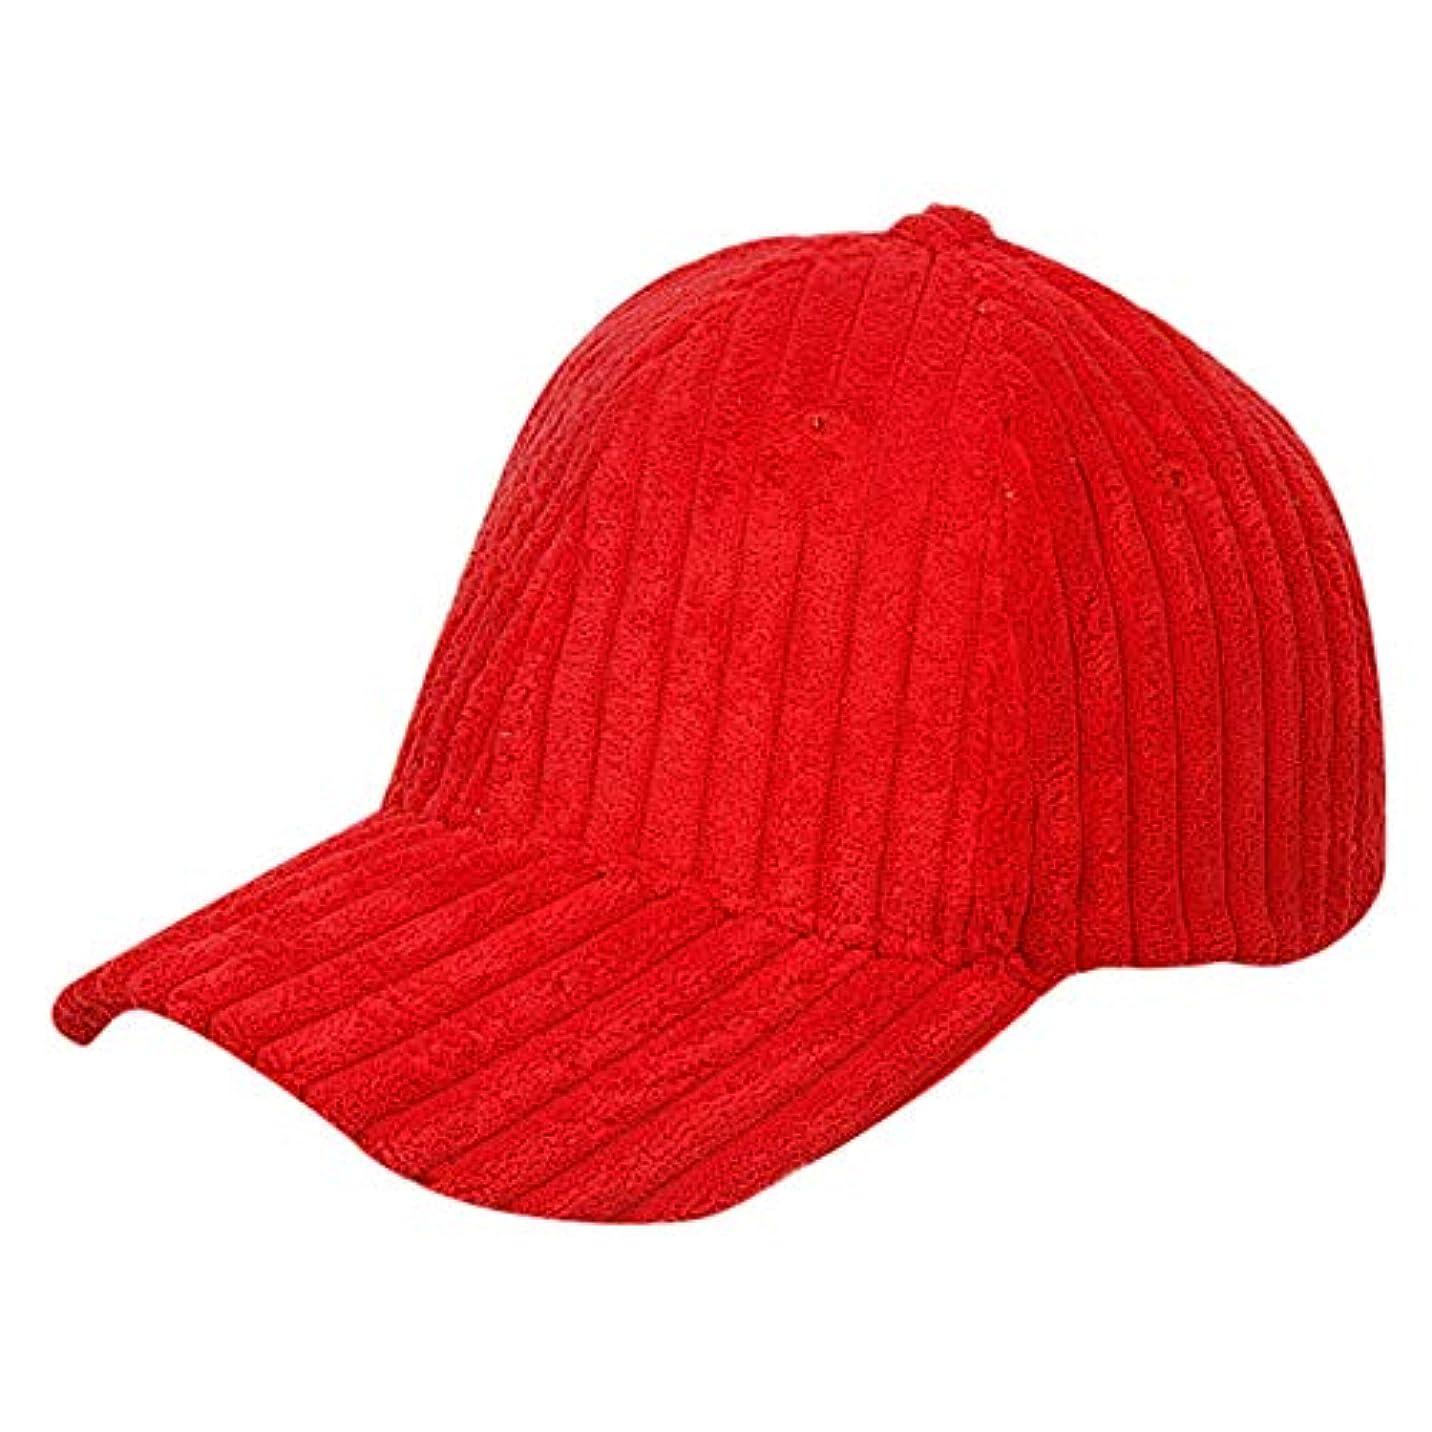 ランプ船乗り同行Racazing Cap コーデュロイ 野球帽 迷彩 冬 登山 通気性のある メッシュ 帽子 ベルクロ 可調整可能 ストライプ 刺繍 棒球帽 UV 帽子 軽量 屋外 Unisex Hat (赤)